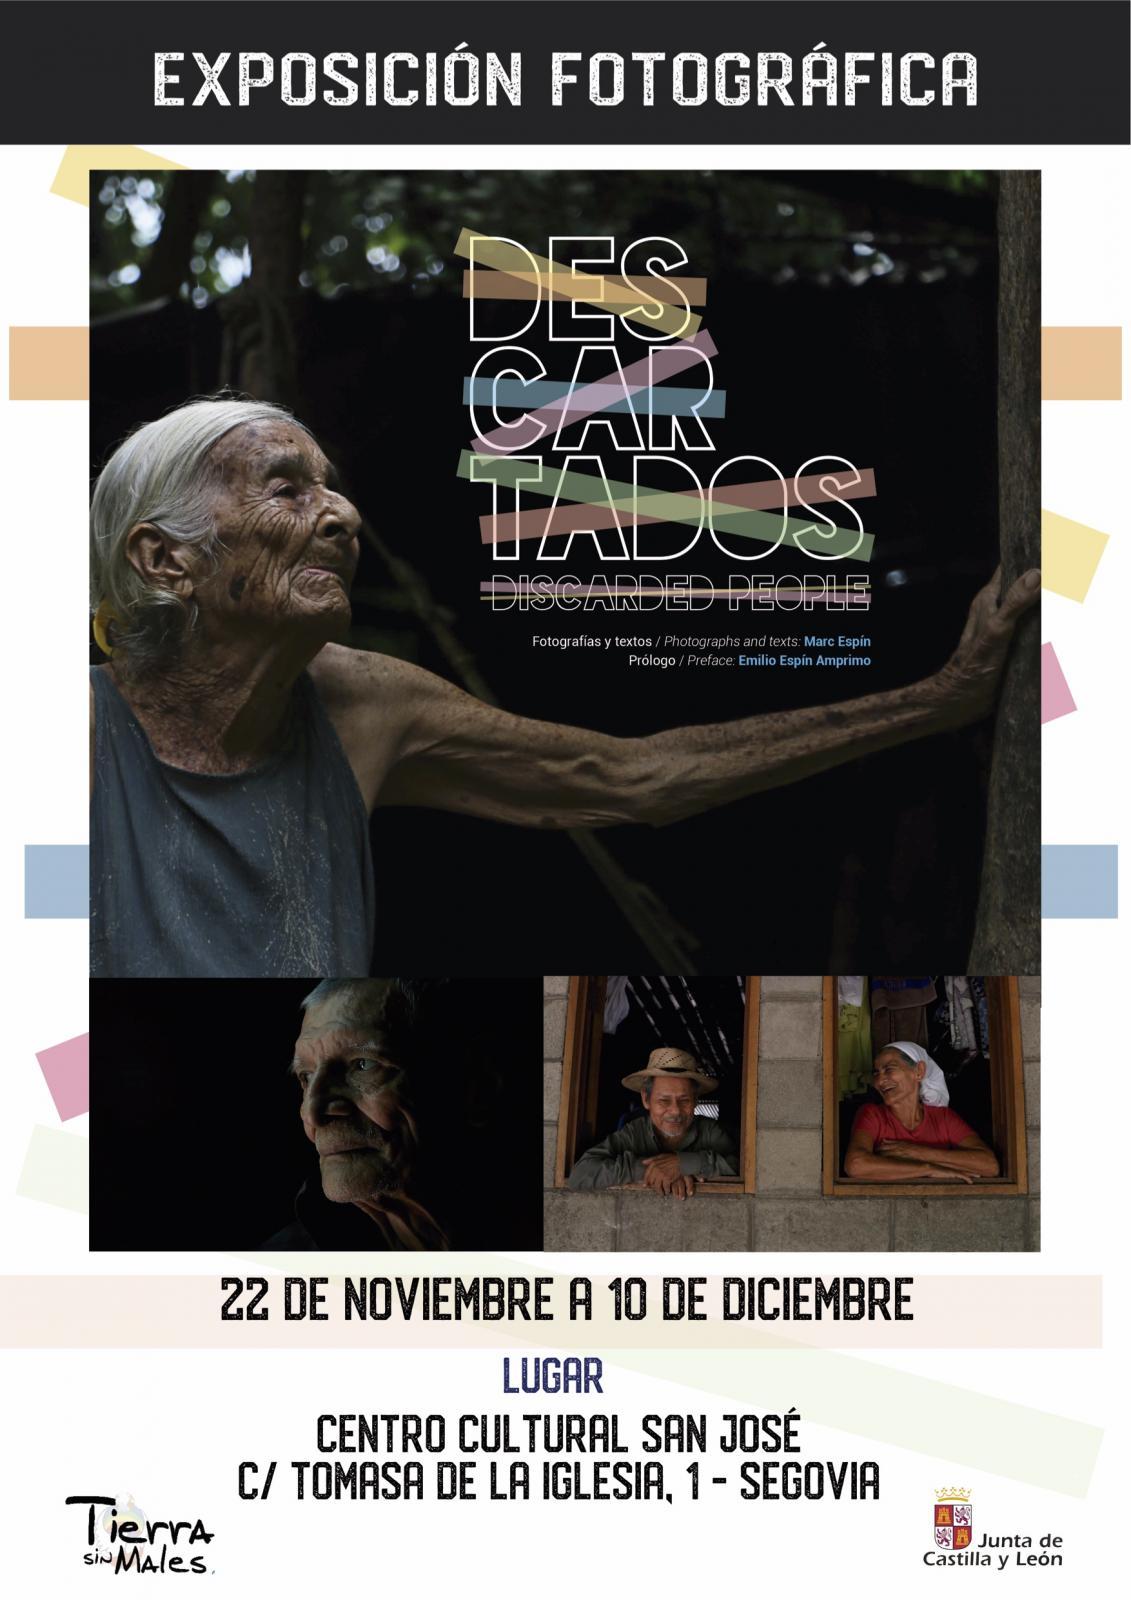 La exposición fotográfica DESCARTADOS, en Segovia